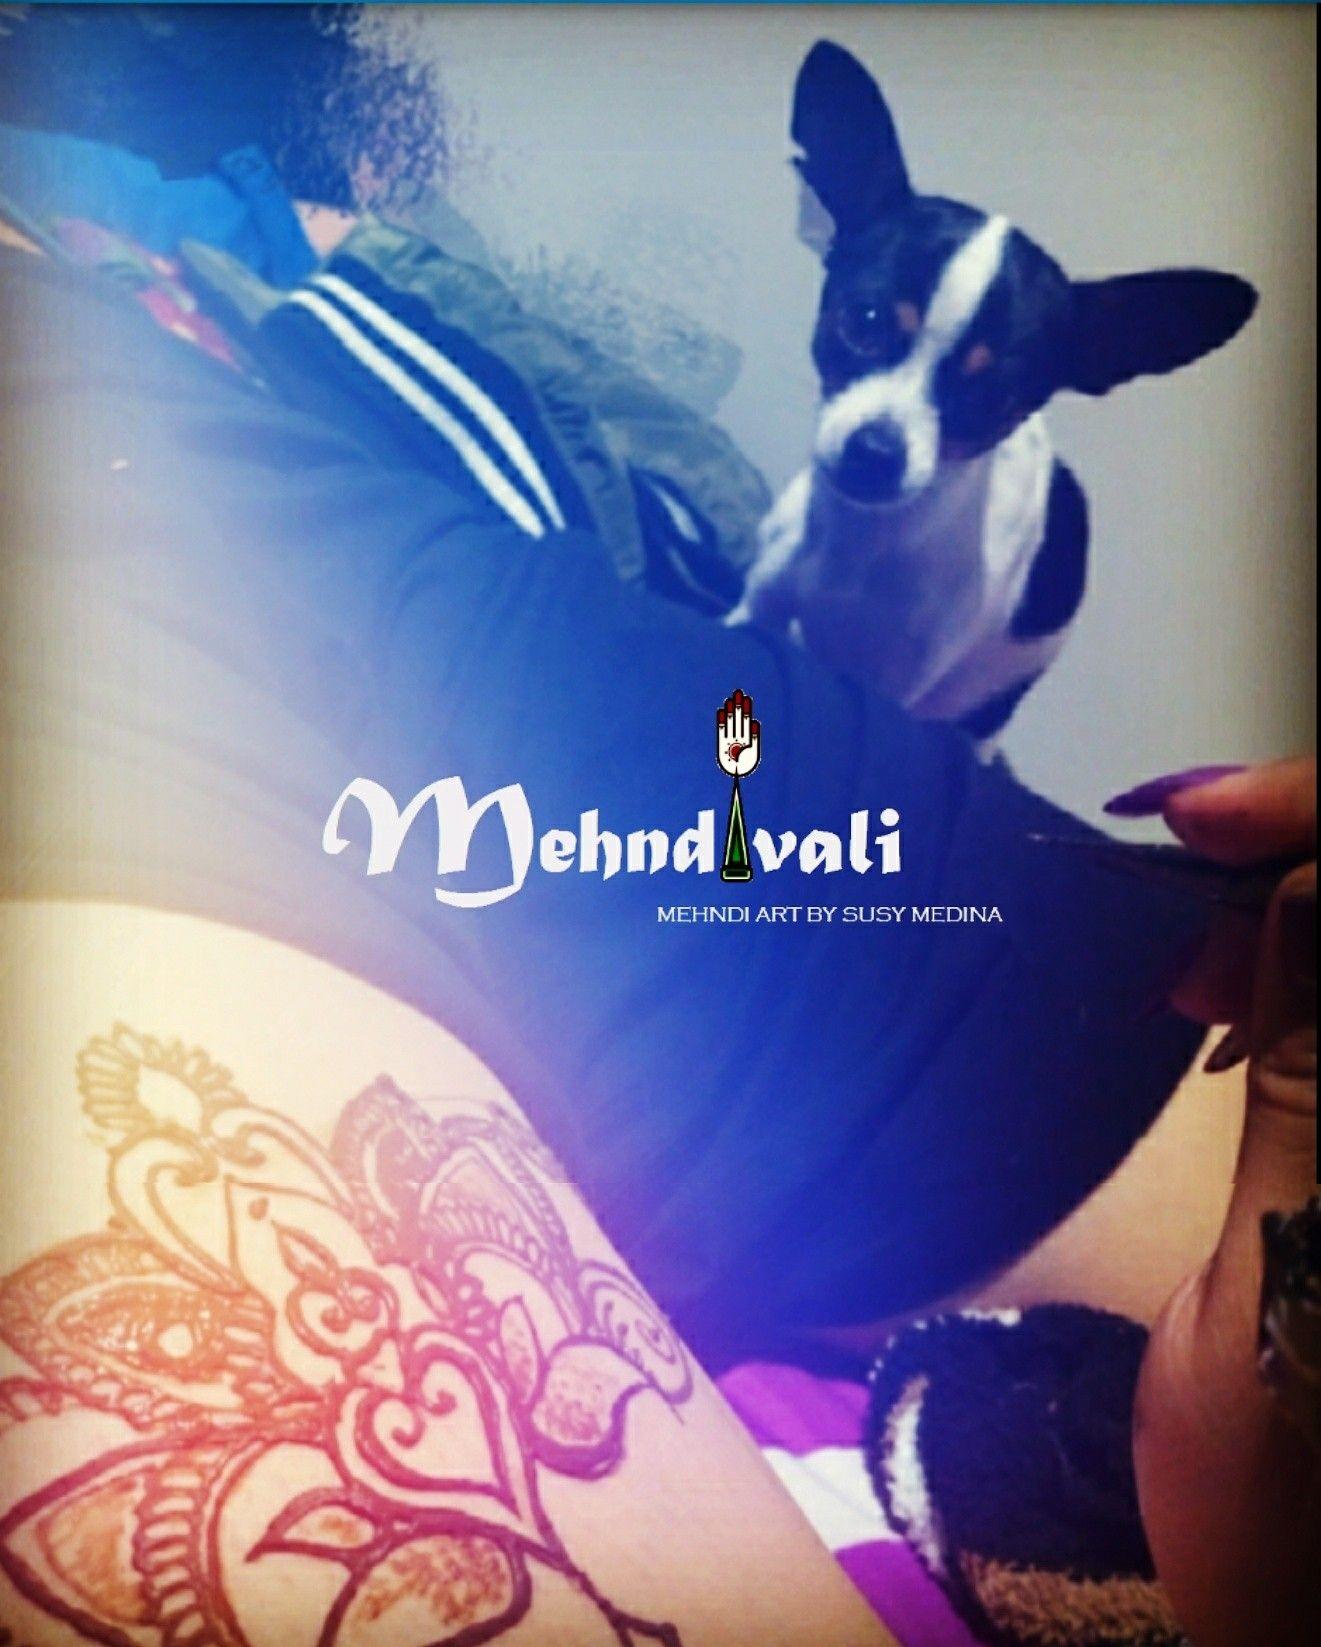 La parte difícil de esto es, que a veces, trabajo bajo la supervisión de jueces muy duros. #henna #mehndi #hennamexico #mehndimexico #tatuajesdehenna #mehnditattoo #tattoo #mehndiart #Aguascalientes #México #dog #pets #doglove